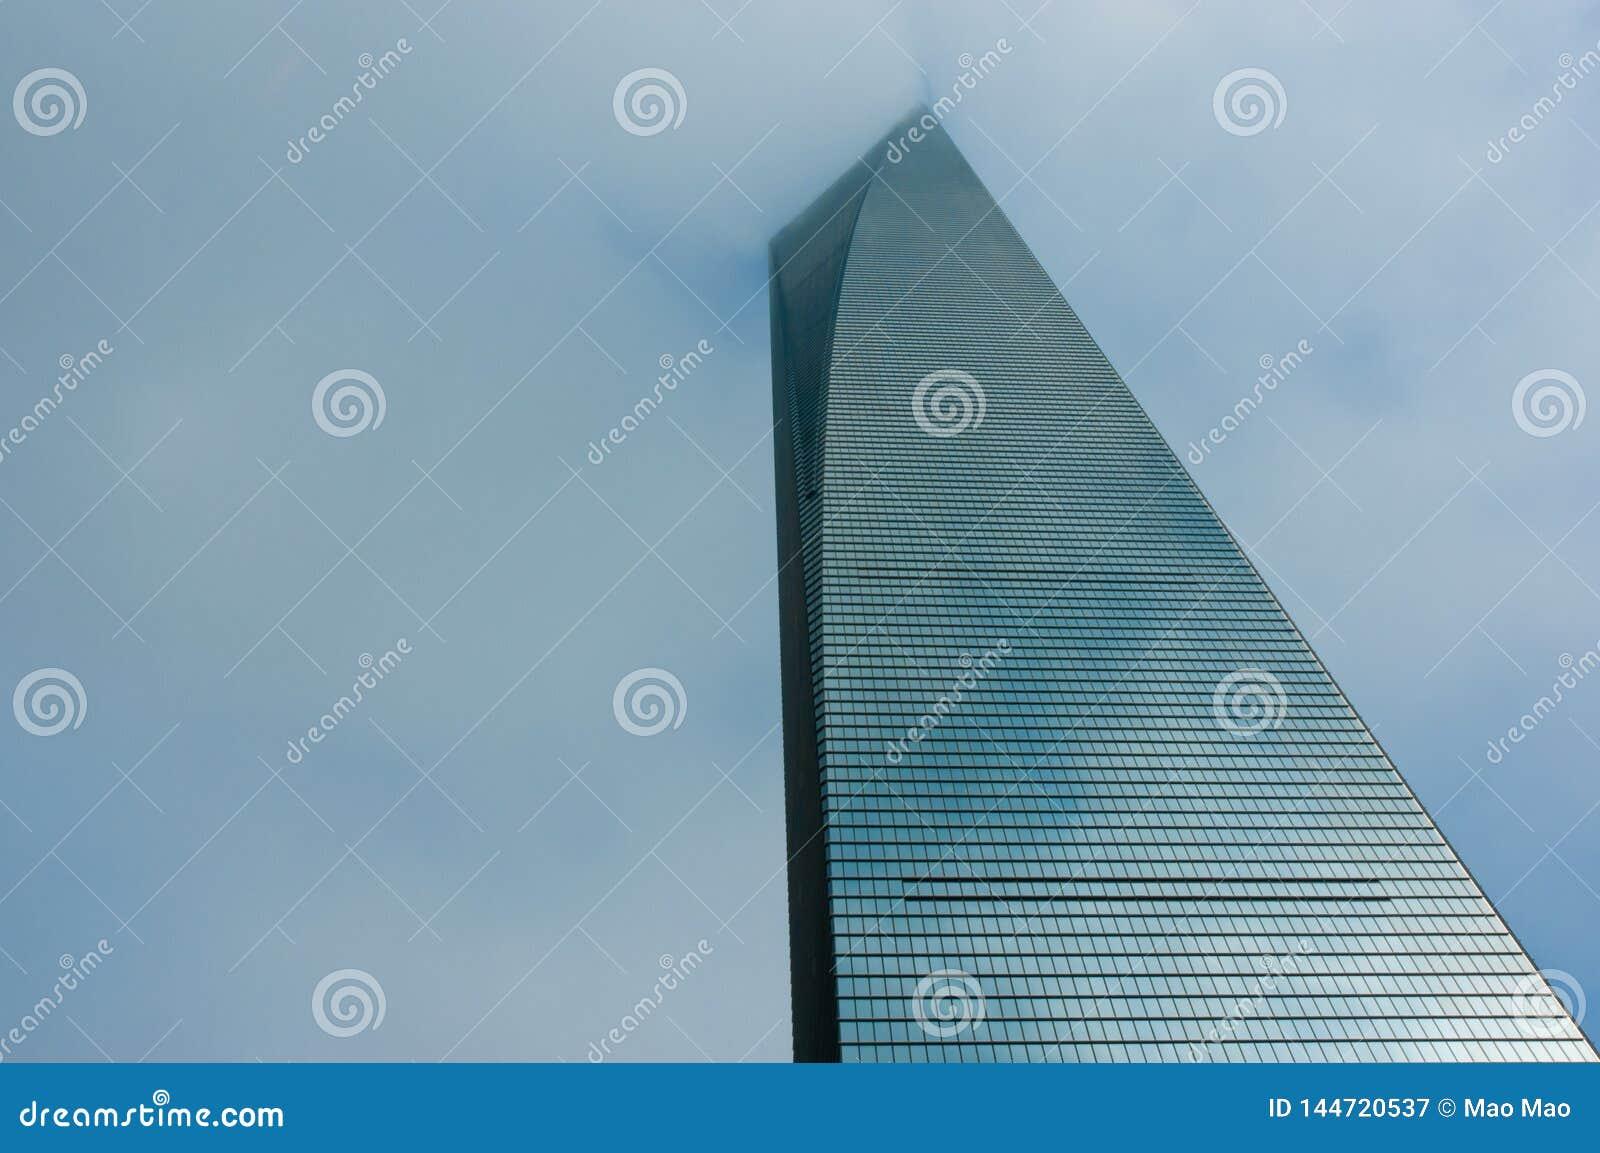 Szanghaj, Chiny, Lipiec 26, 2014: Światowa centrów finansowych drapacz chmur sceneria, Szanghaj